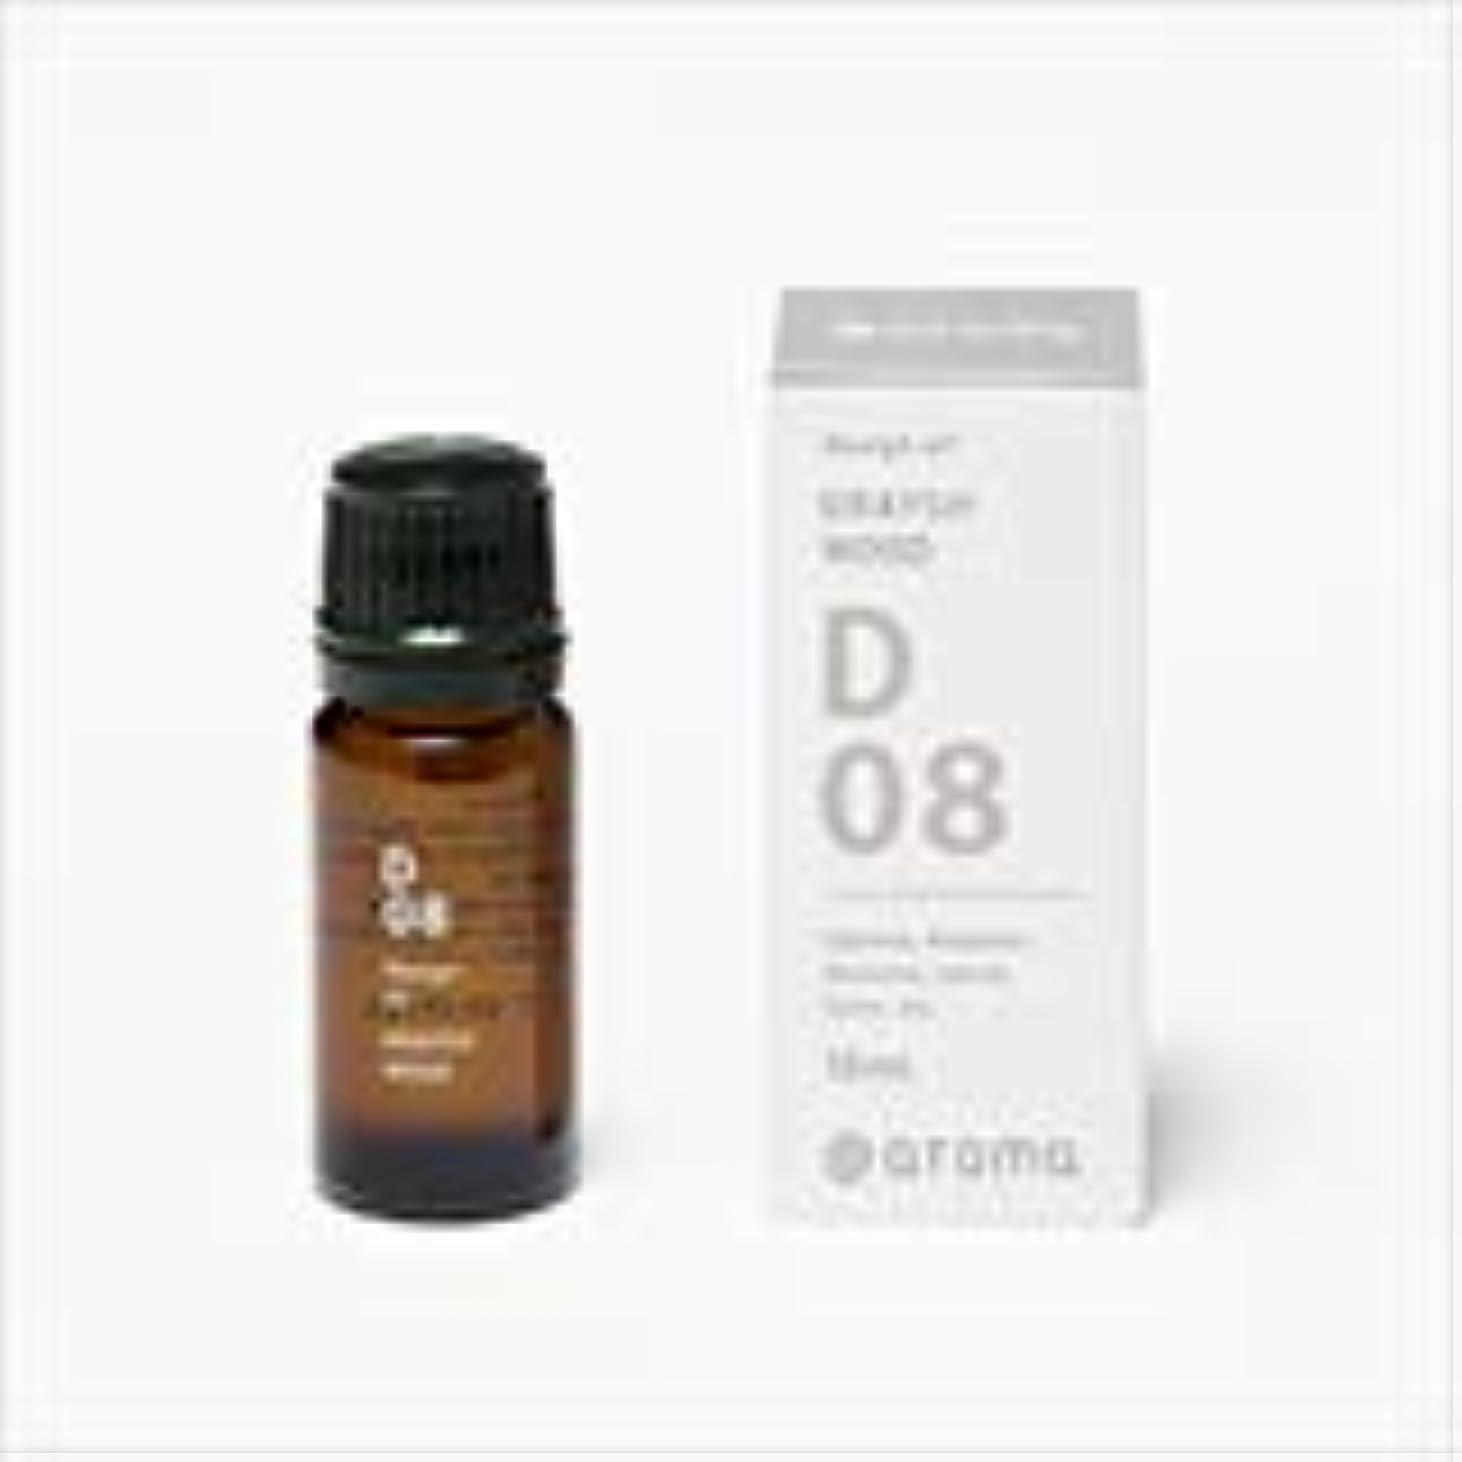 に負けるフェンス敵アットアロマ 100%pure essential oil <Design air グレイッシュウッド>